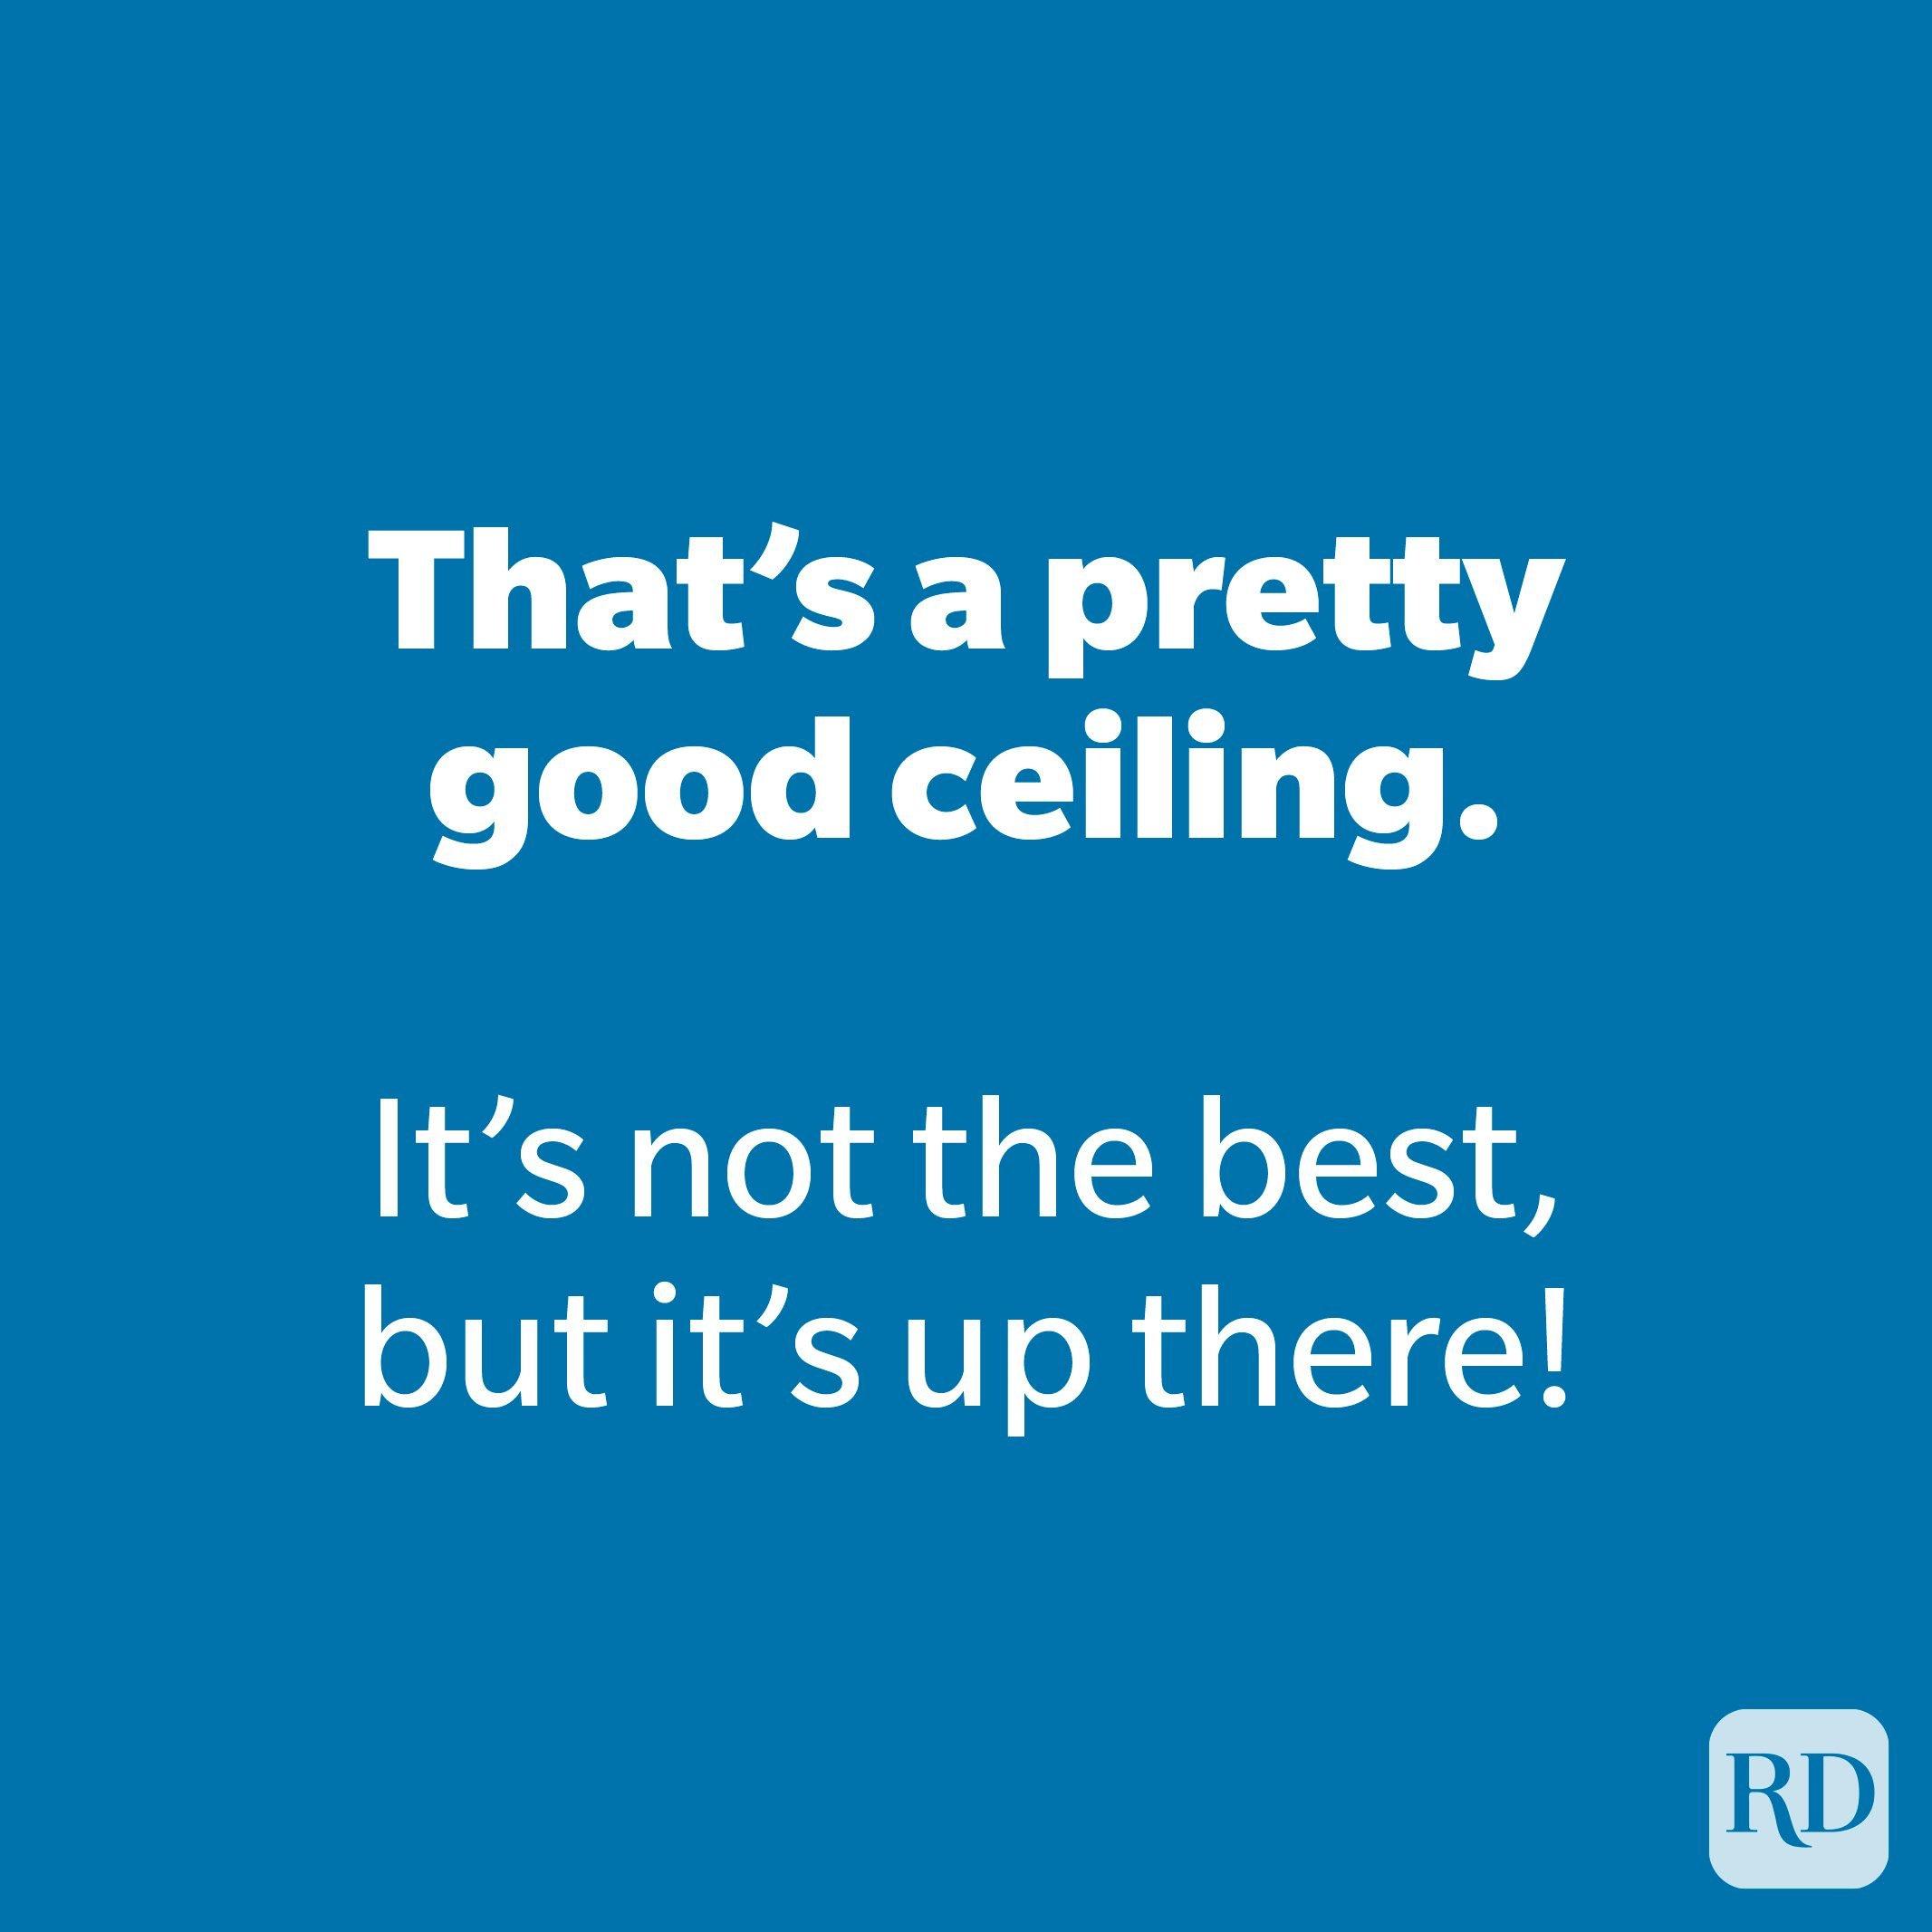 That's a pretty good ceiling.